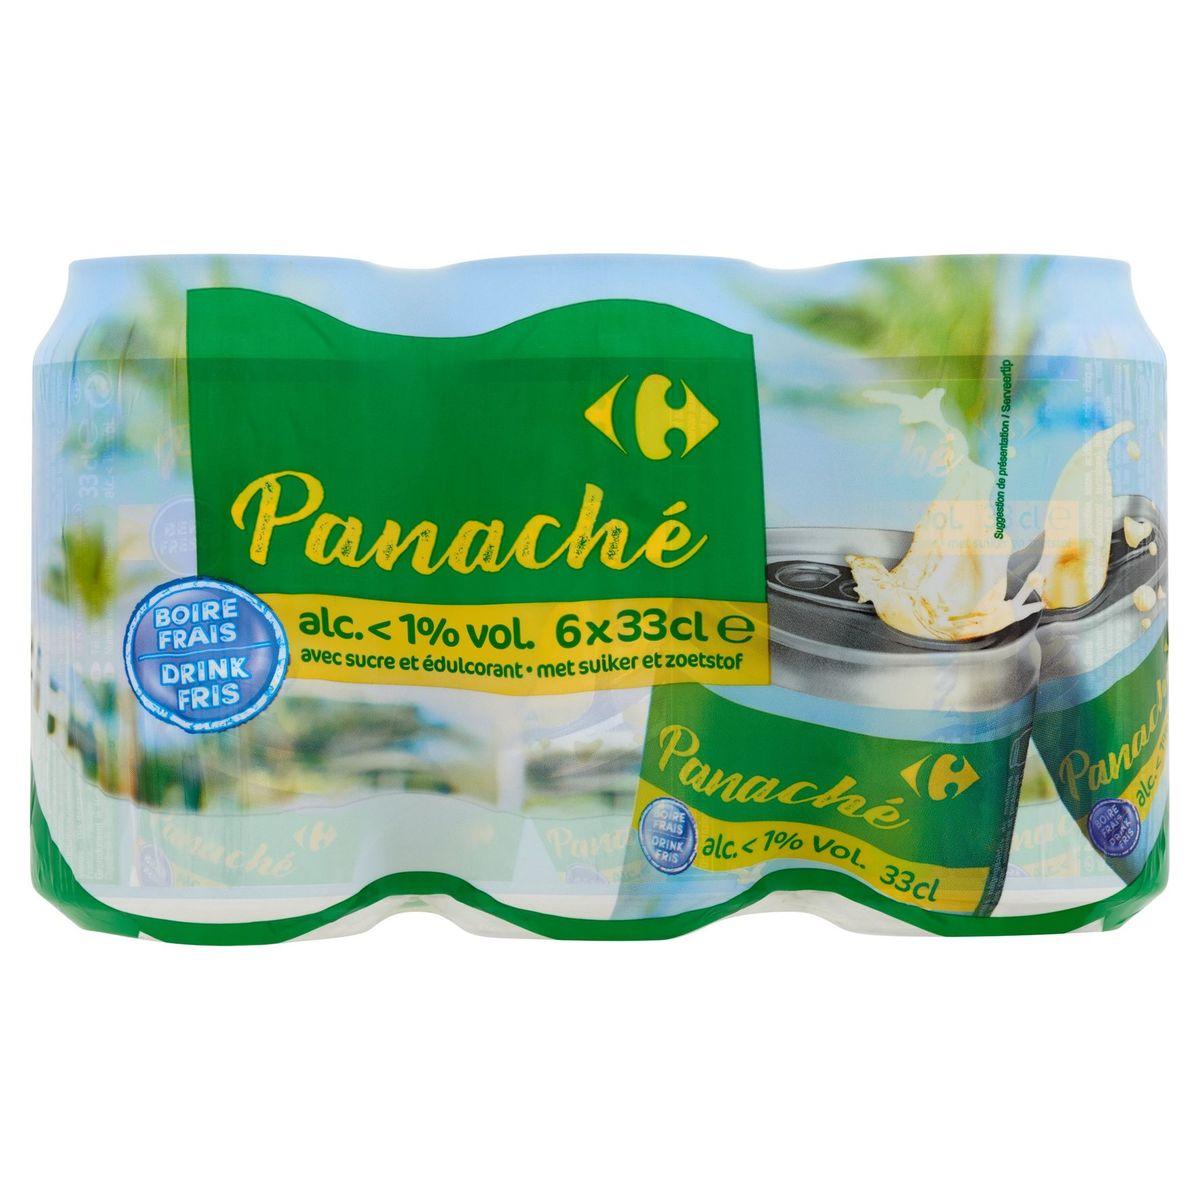 Carrefour Panaché Alc. <1% Vol. Canettes 6 x 33 cl